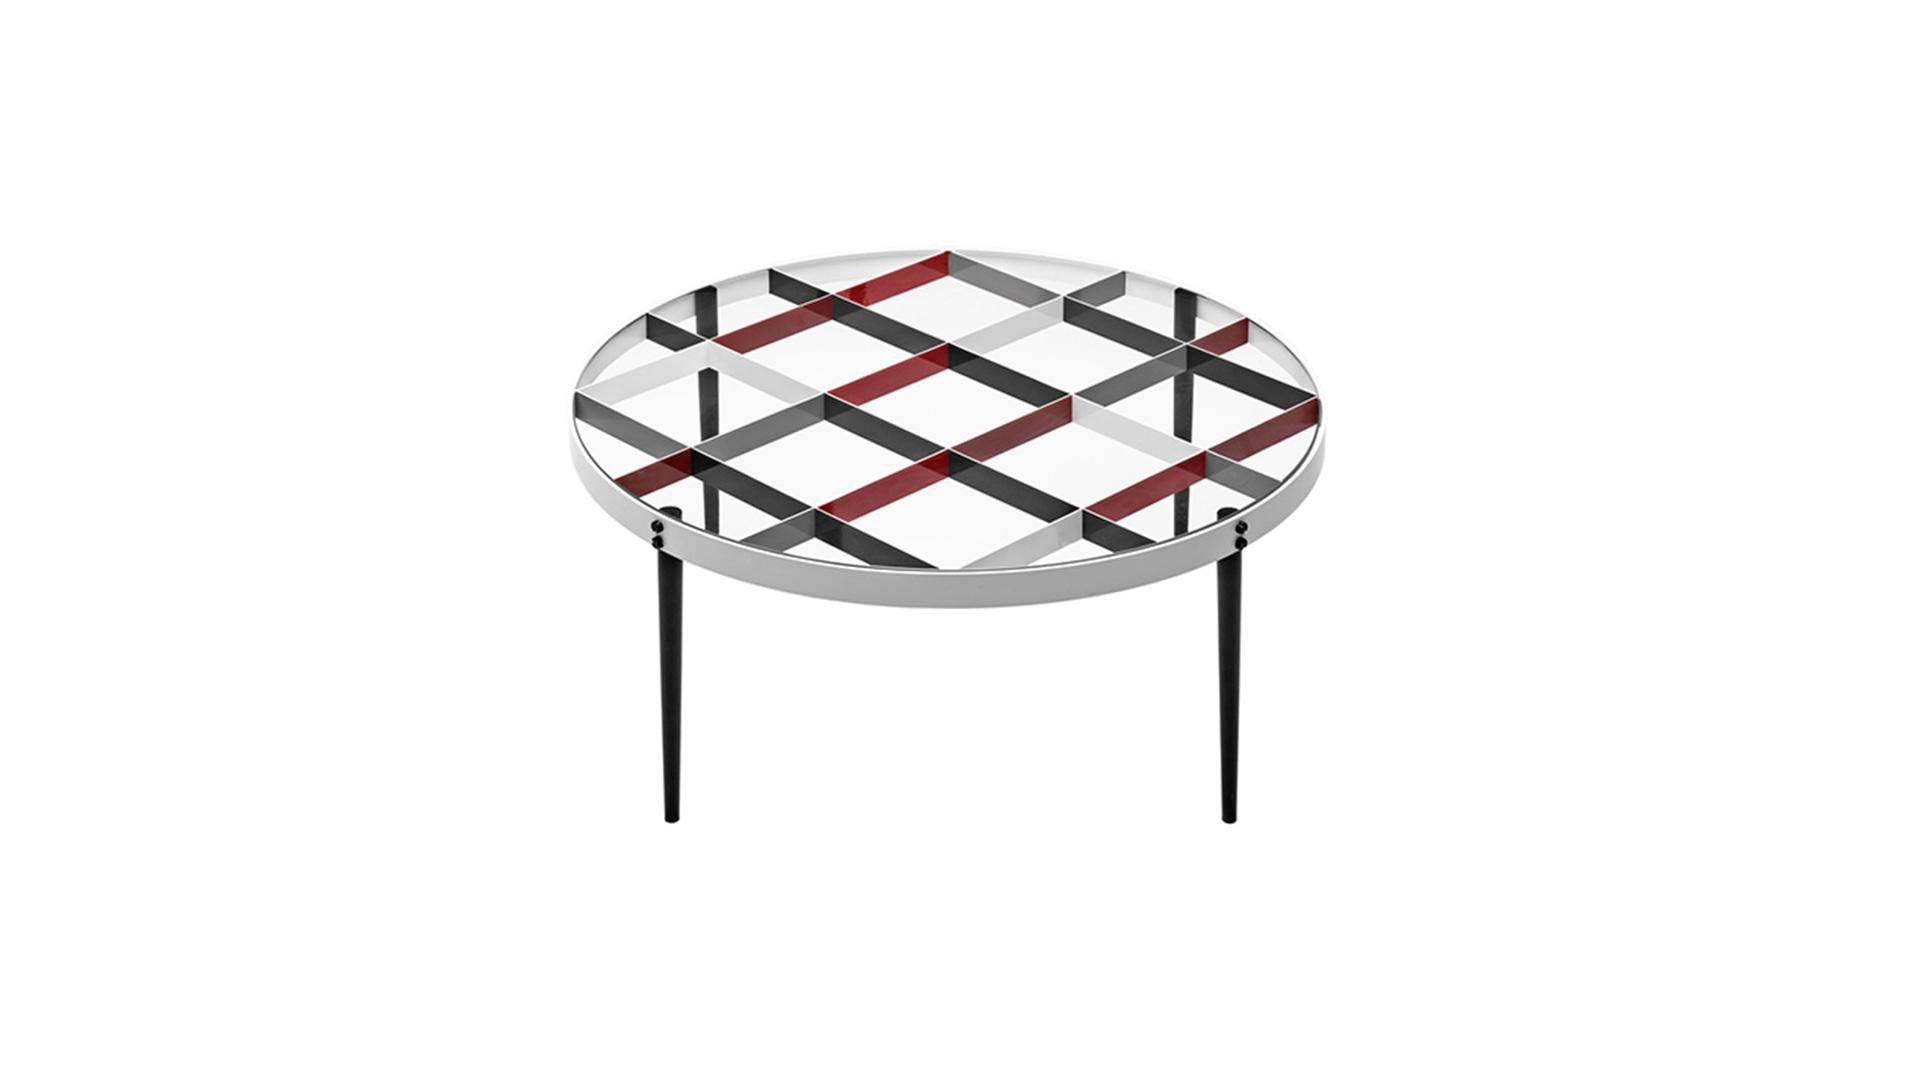 100 лет дизайна: столик D.555.1 Джо Понти